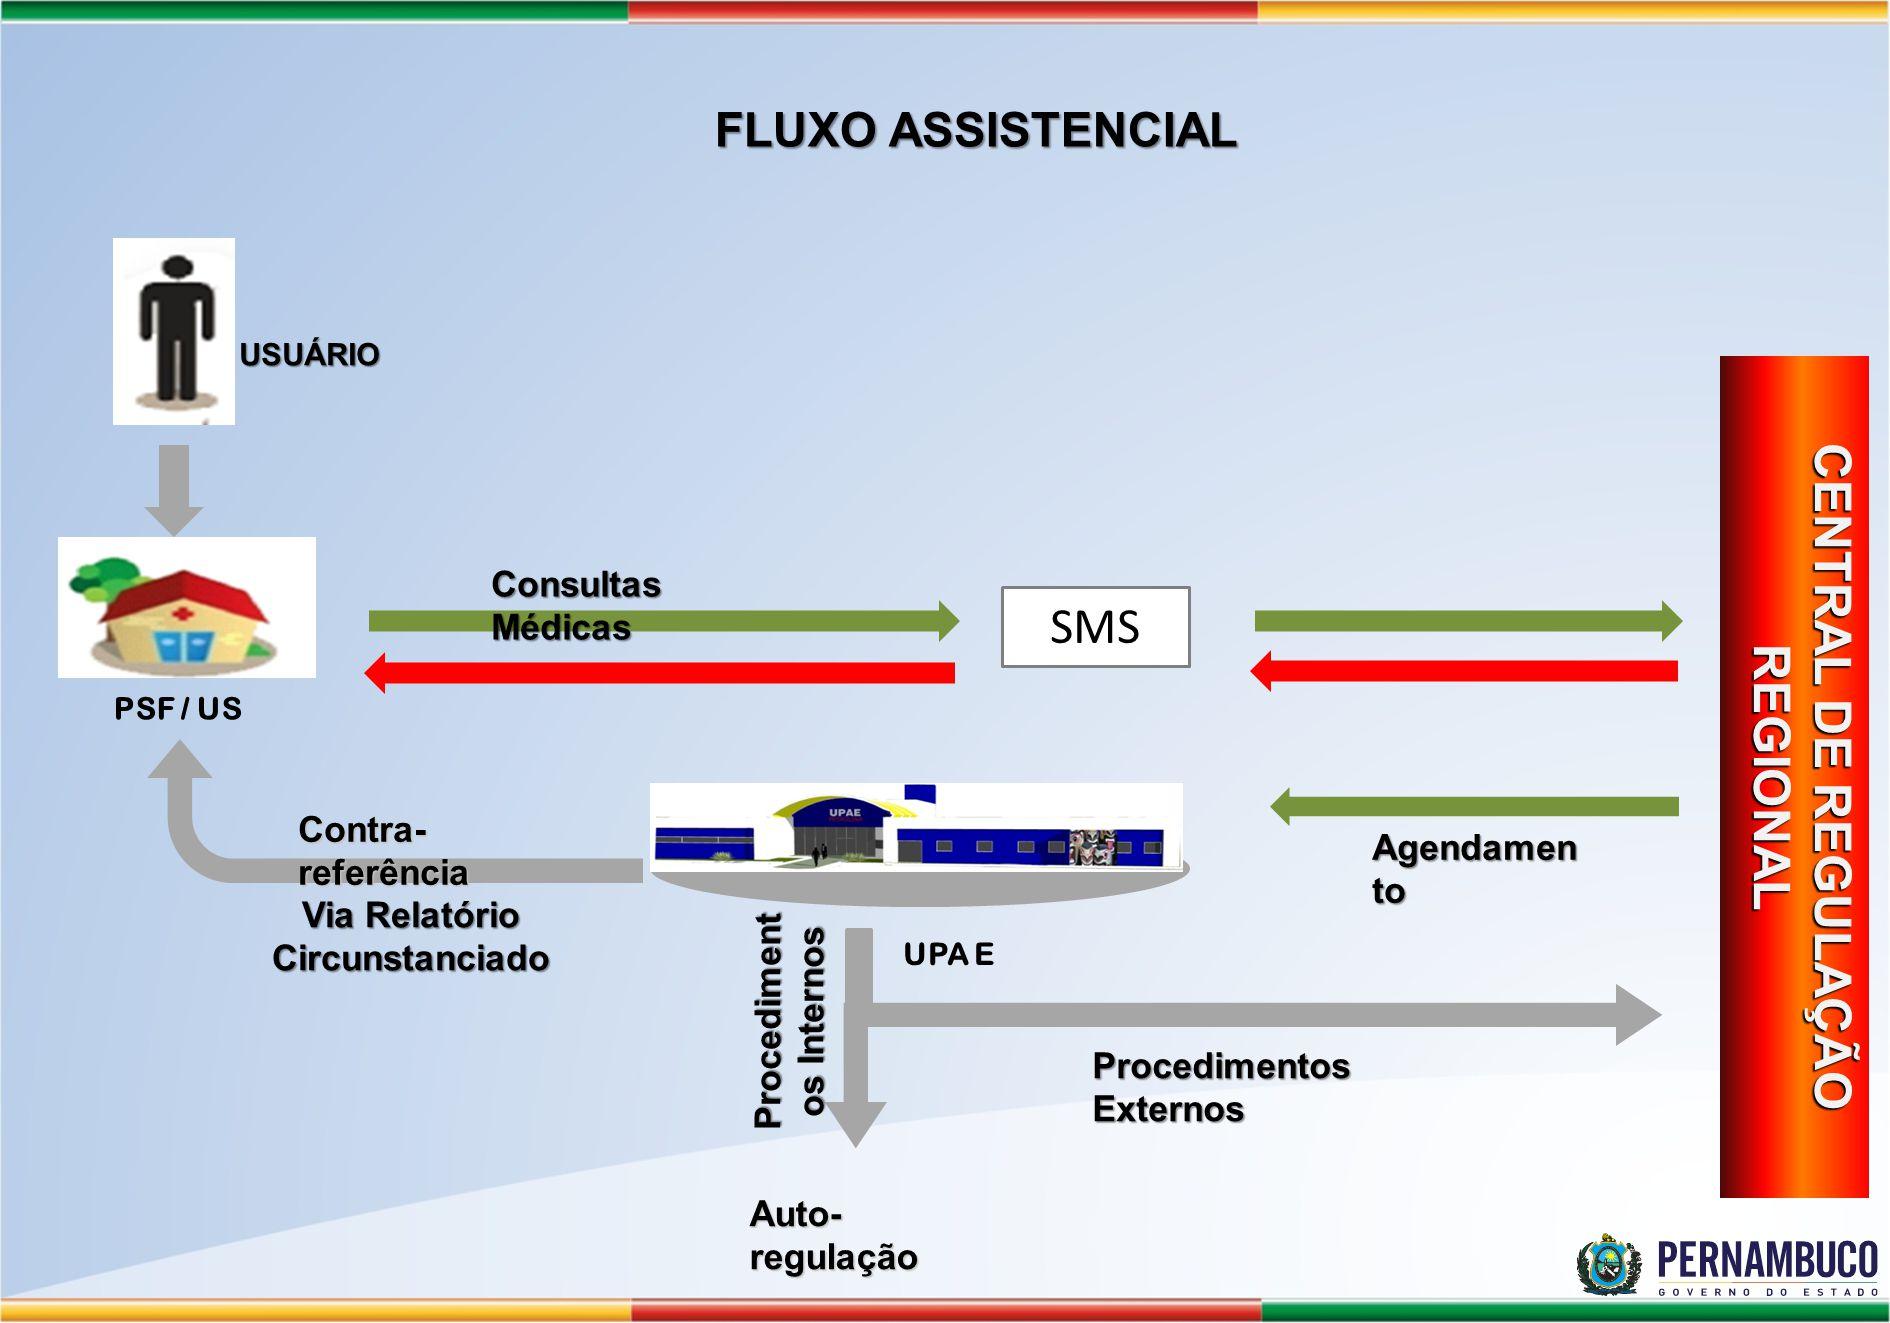 FLUXO ASSISTENCIAL USUÁRIO CENTRAL DE REGULAÇÃO REGIONAL UPA E SMS Consultas Médicas Contra- referência Auto- regulação Via Relatório Circunstanciado